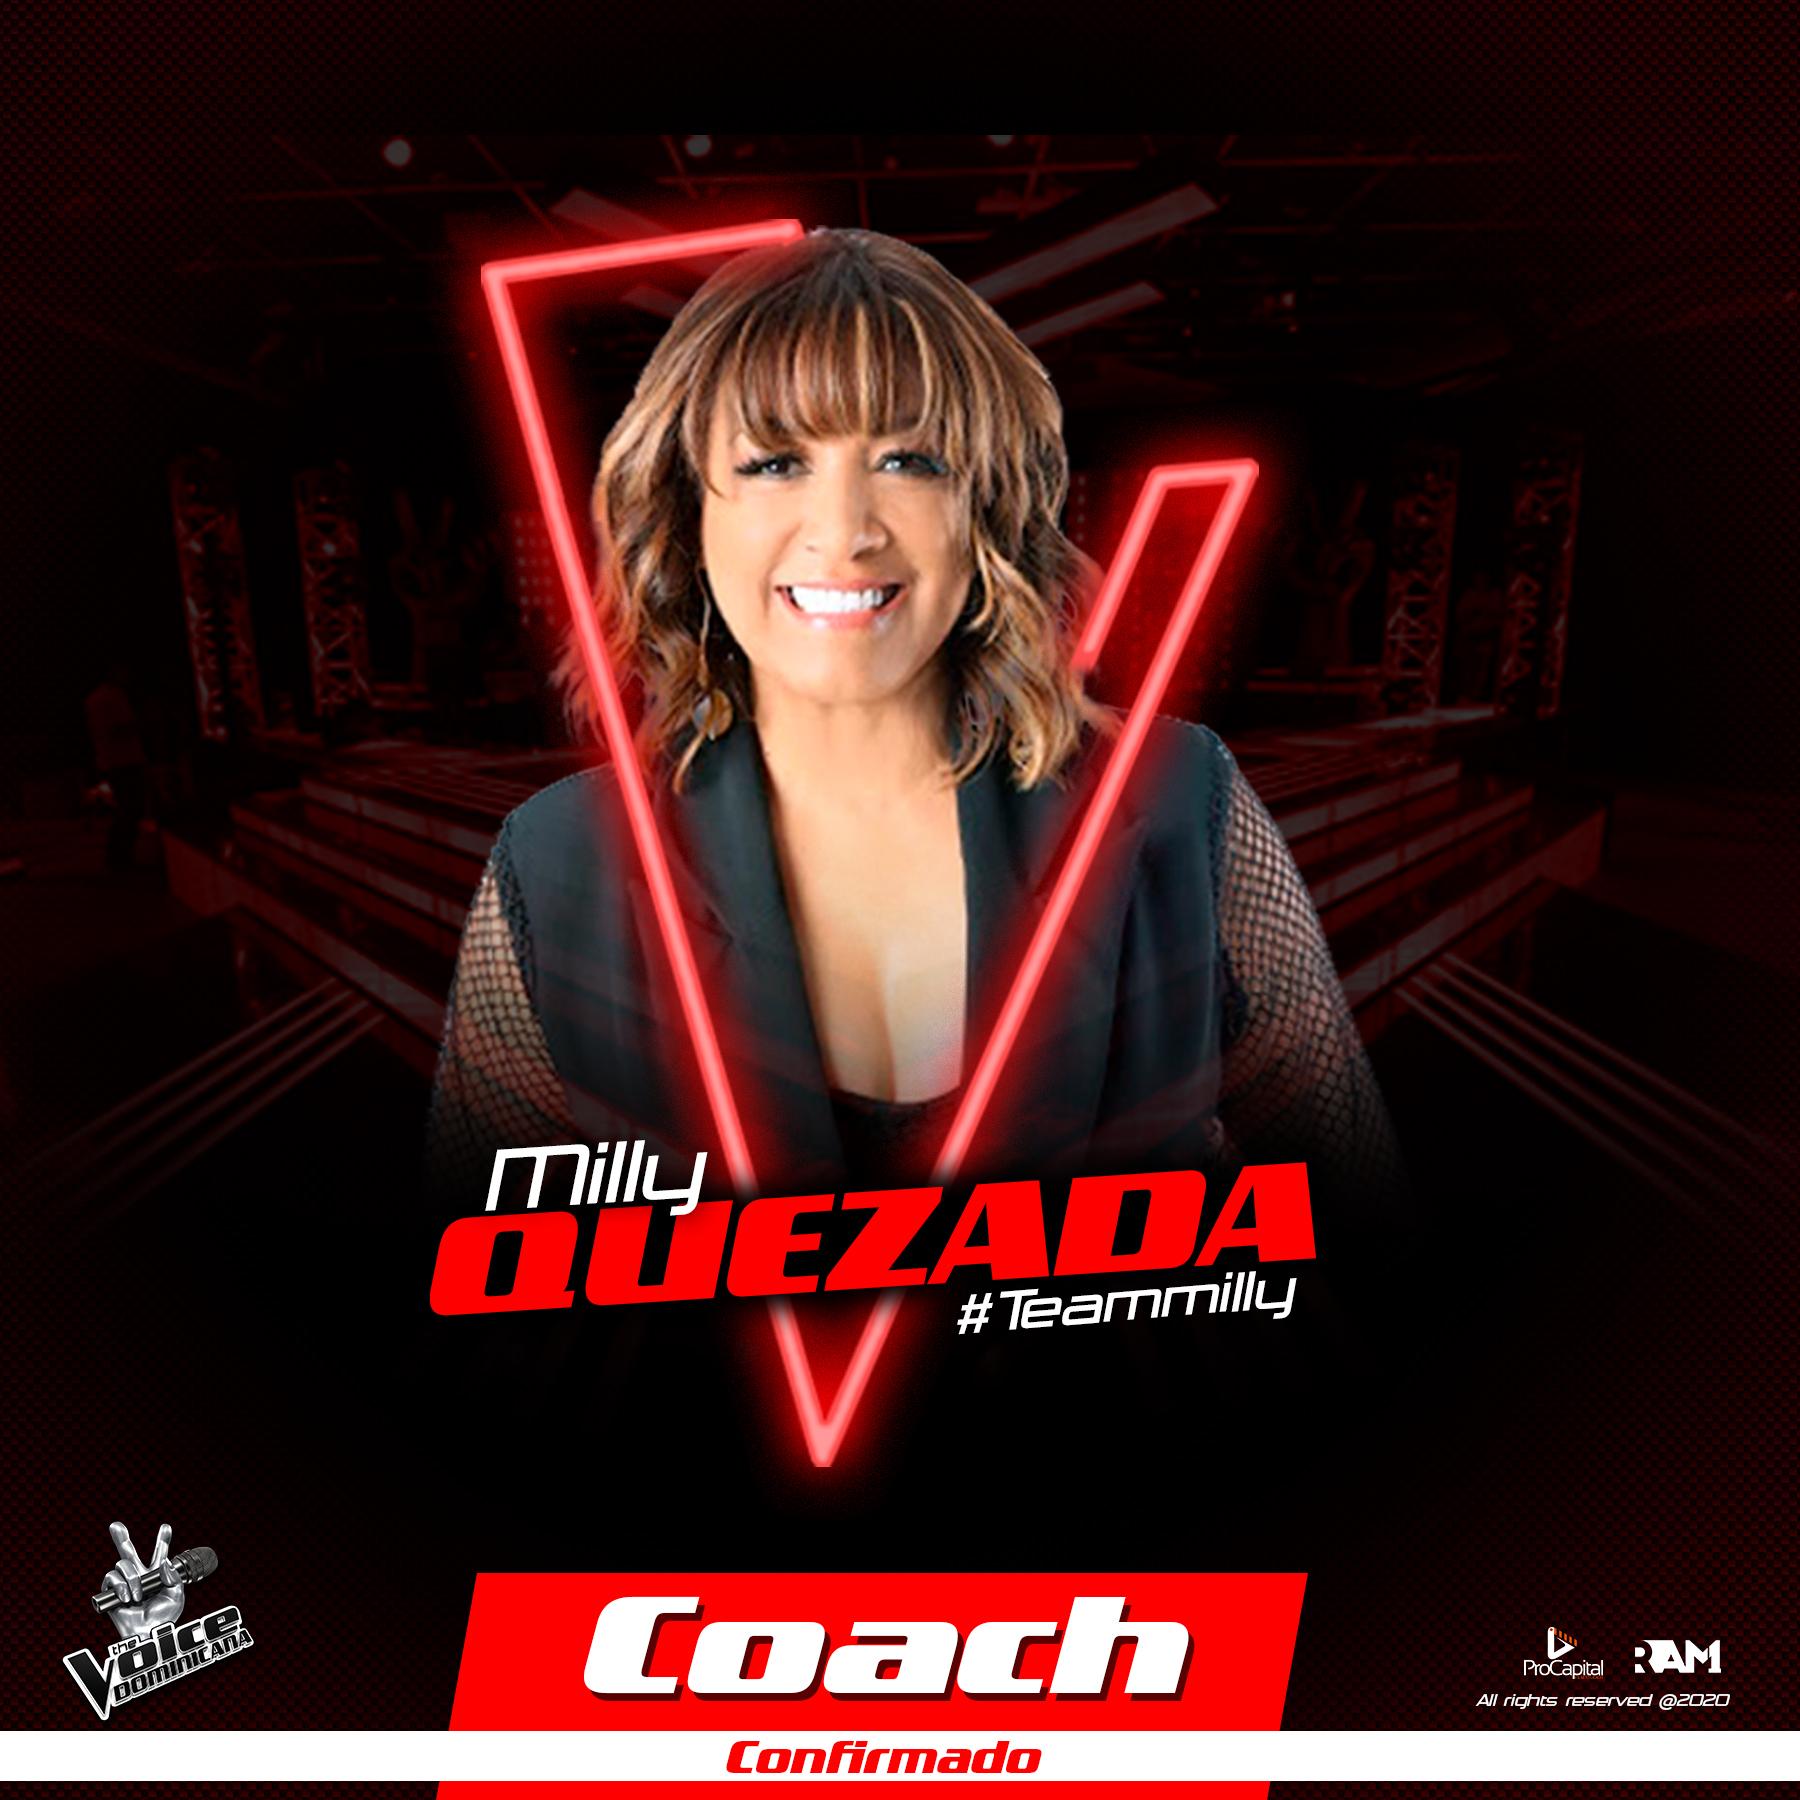 The Voice Dominicana anuncia que Milly Quezada  será su segundo coach